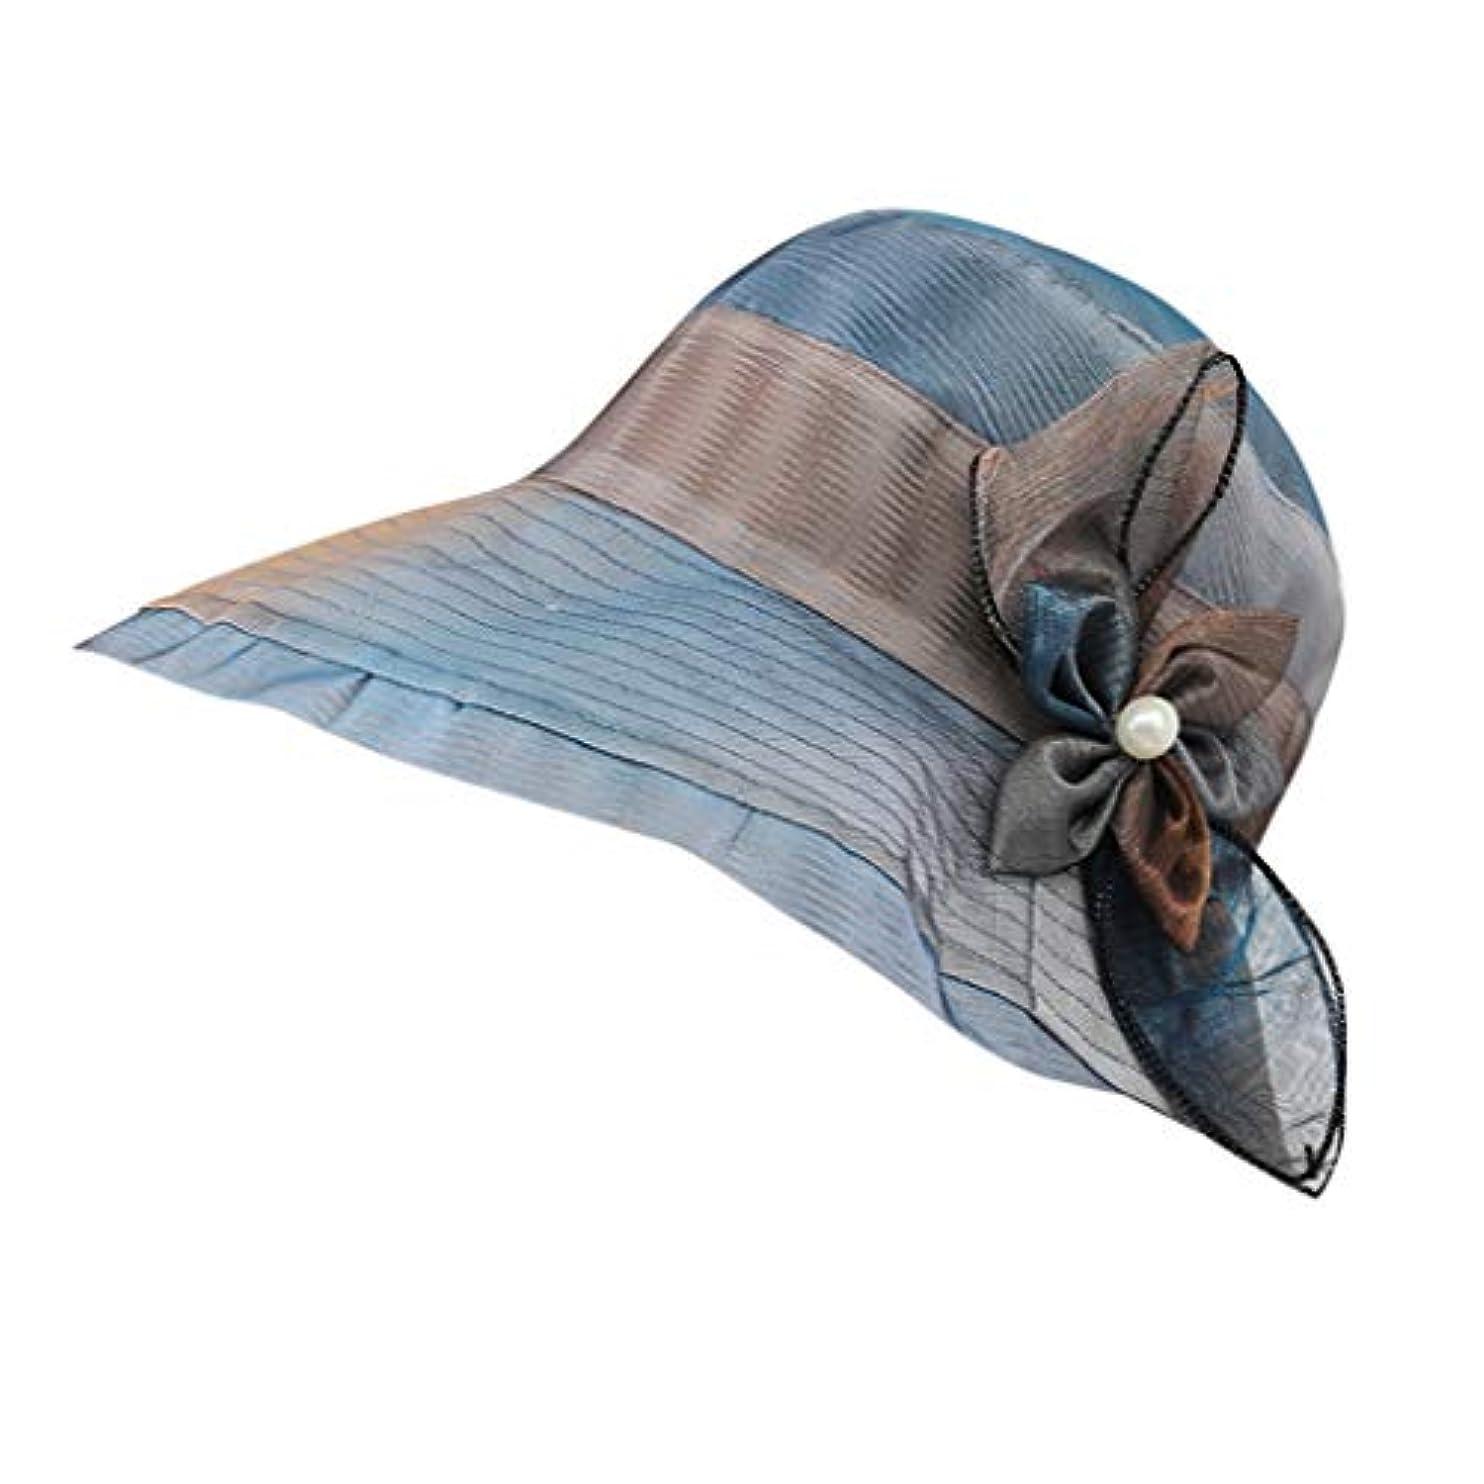 決してに対してペレットハット レディース UVカット 帽子 レディース 日よけ 帽子 レディース つば広 無地 洗える 紫外線対策 ハット カジュアル 旅行用 日よけ 夏季 女優帽 小顔効果抜群 可愛い 夏季 海 旅行 ROSE ROMAN